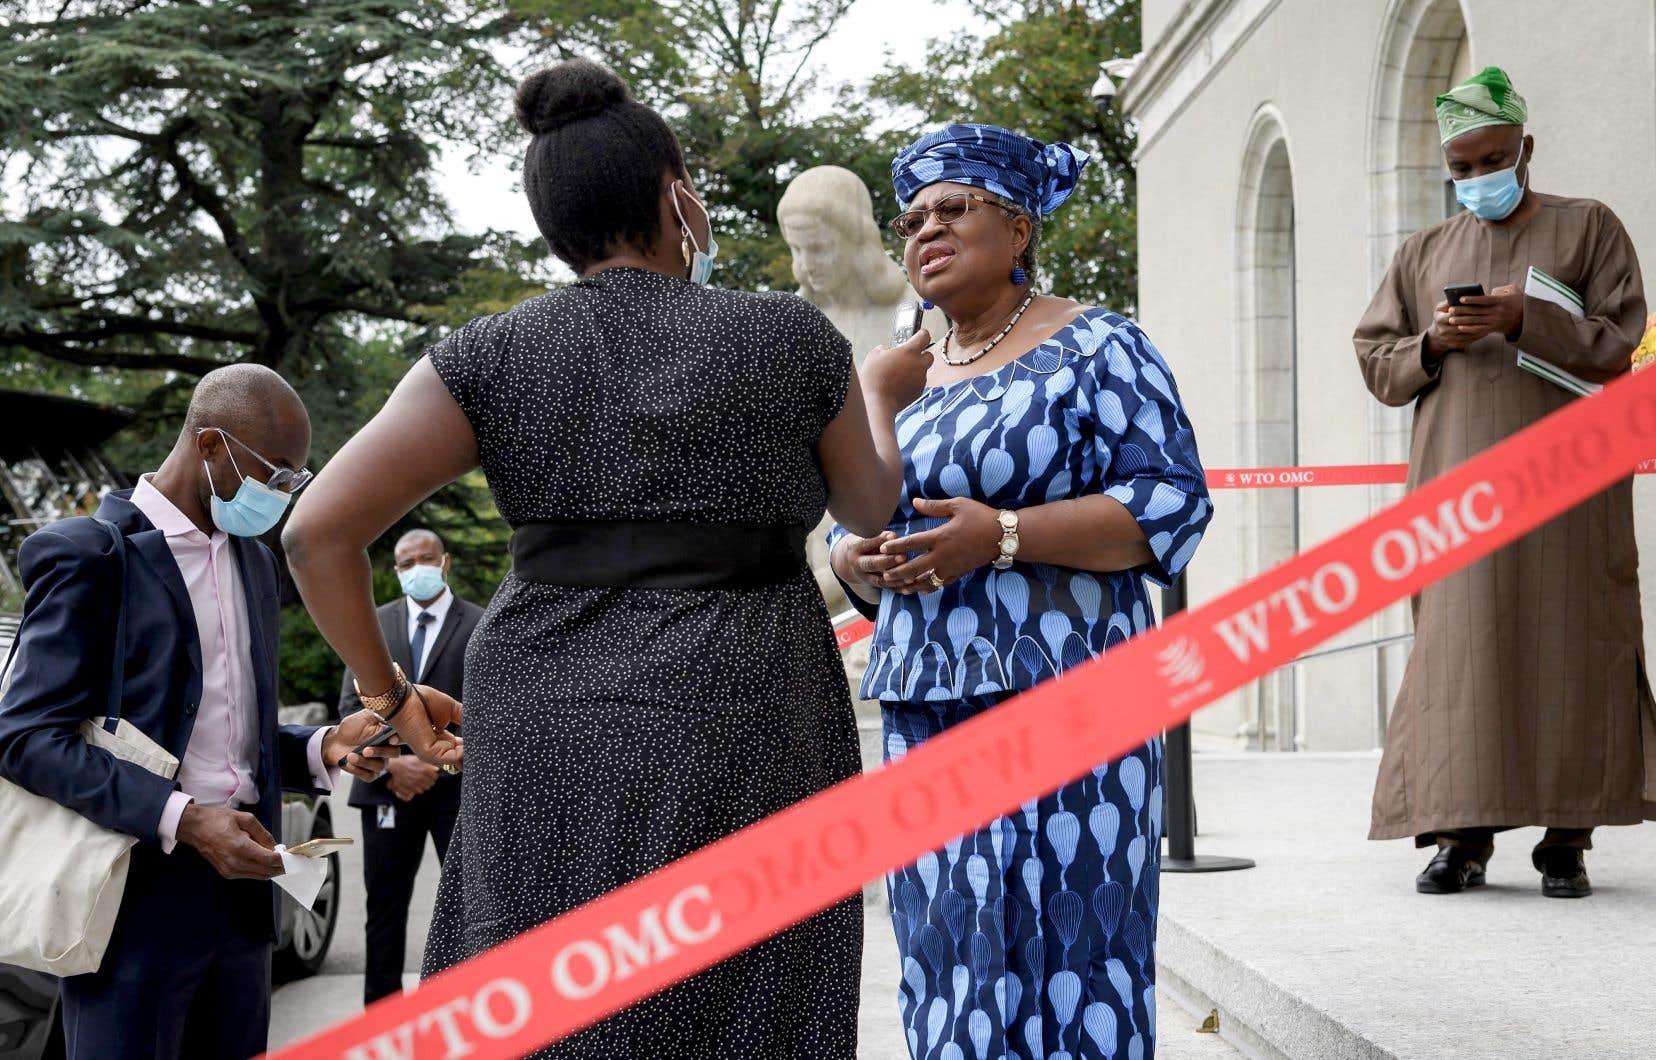 Diplômée de l'Université Harvard et du MIT, Ngozi Okonjo-Iweala a deux fois été ministre des Finances de son pays, s'est hissée au rang de numéro 2 de la Banque mondiale et préside actuellement une organisation favorisant l'accès à la vaccination en Afrique.